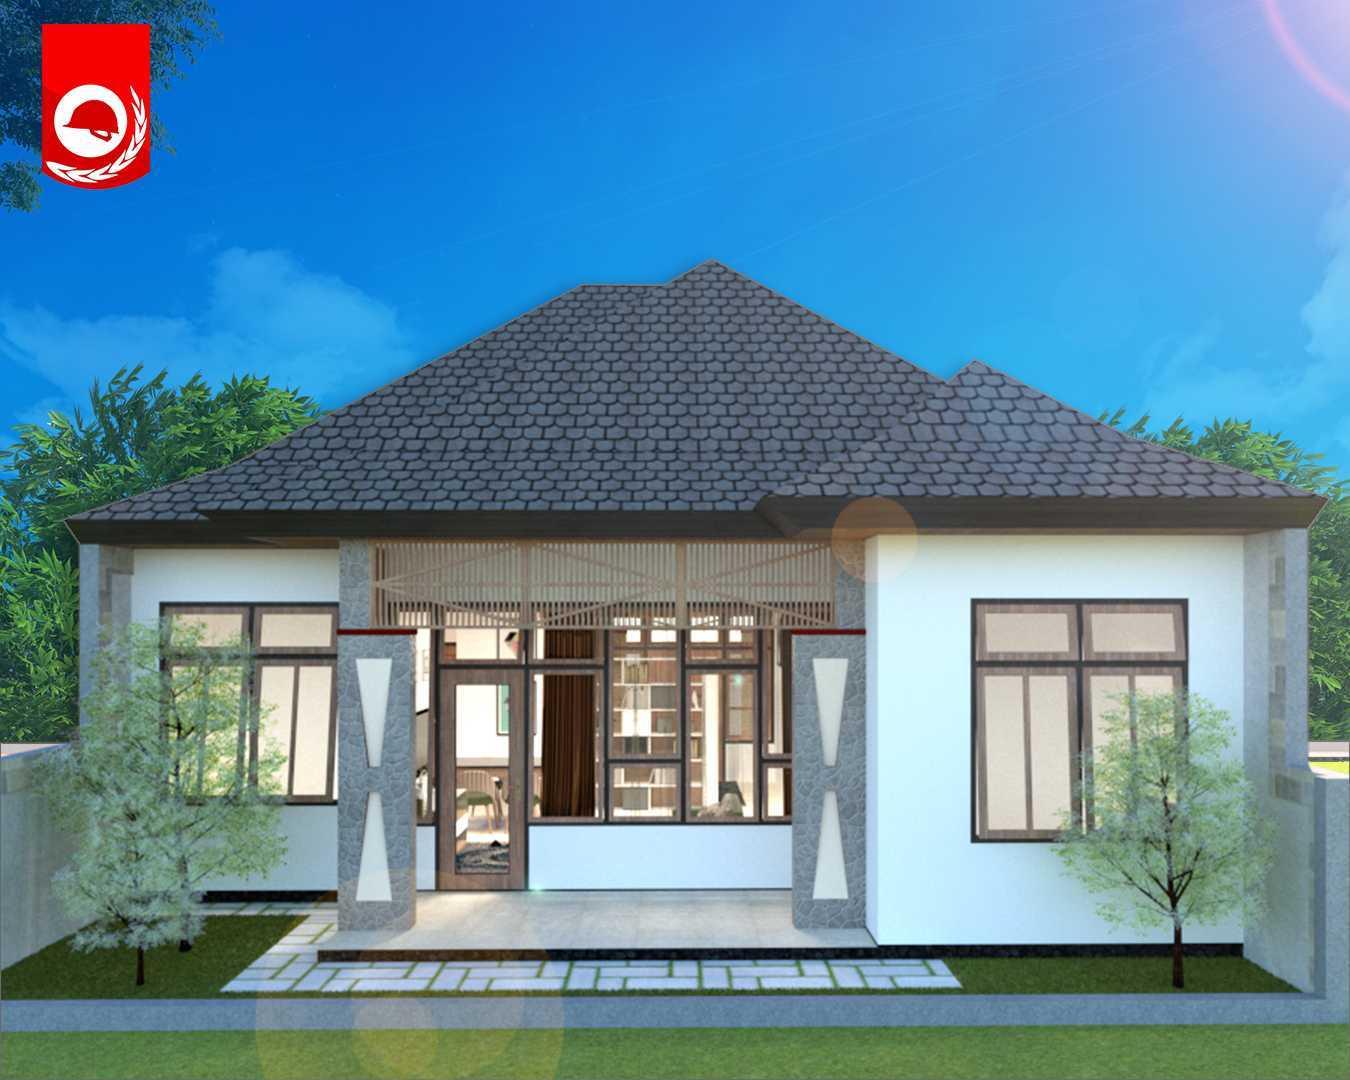 Inti Pembangunan Nusantara Rumah Satu Lantai 10 X 15 M2 Kota Denpasar, Bali, Indonesia Kota Denpasar, Bali, Indonesia Inti-Pembangunan-Nusantara-Rumah-Satu-Lantai  66128